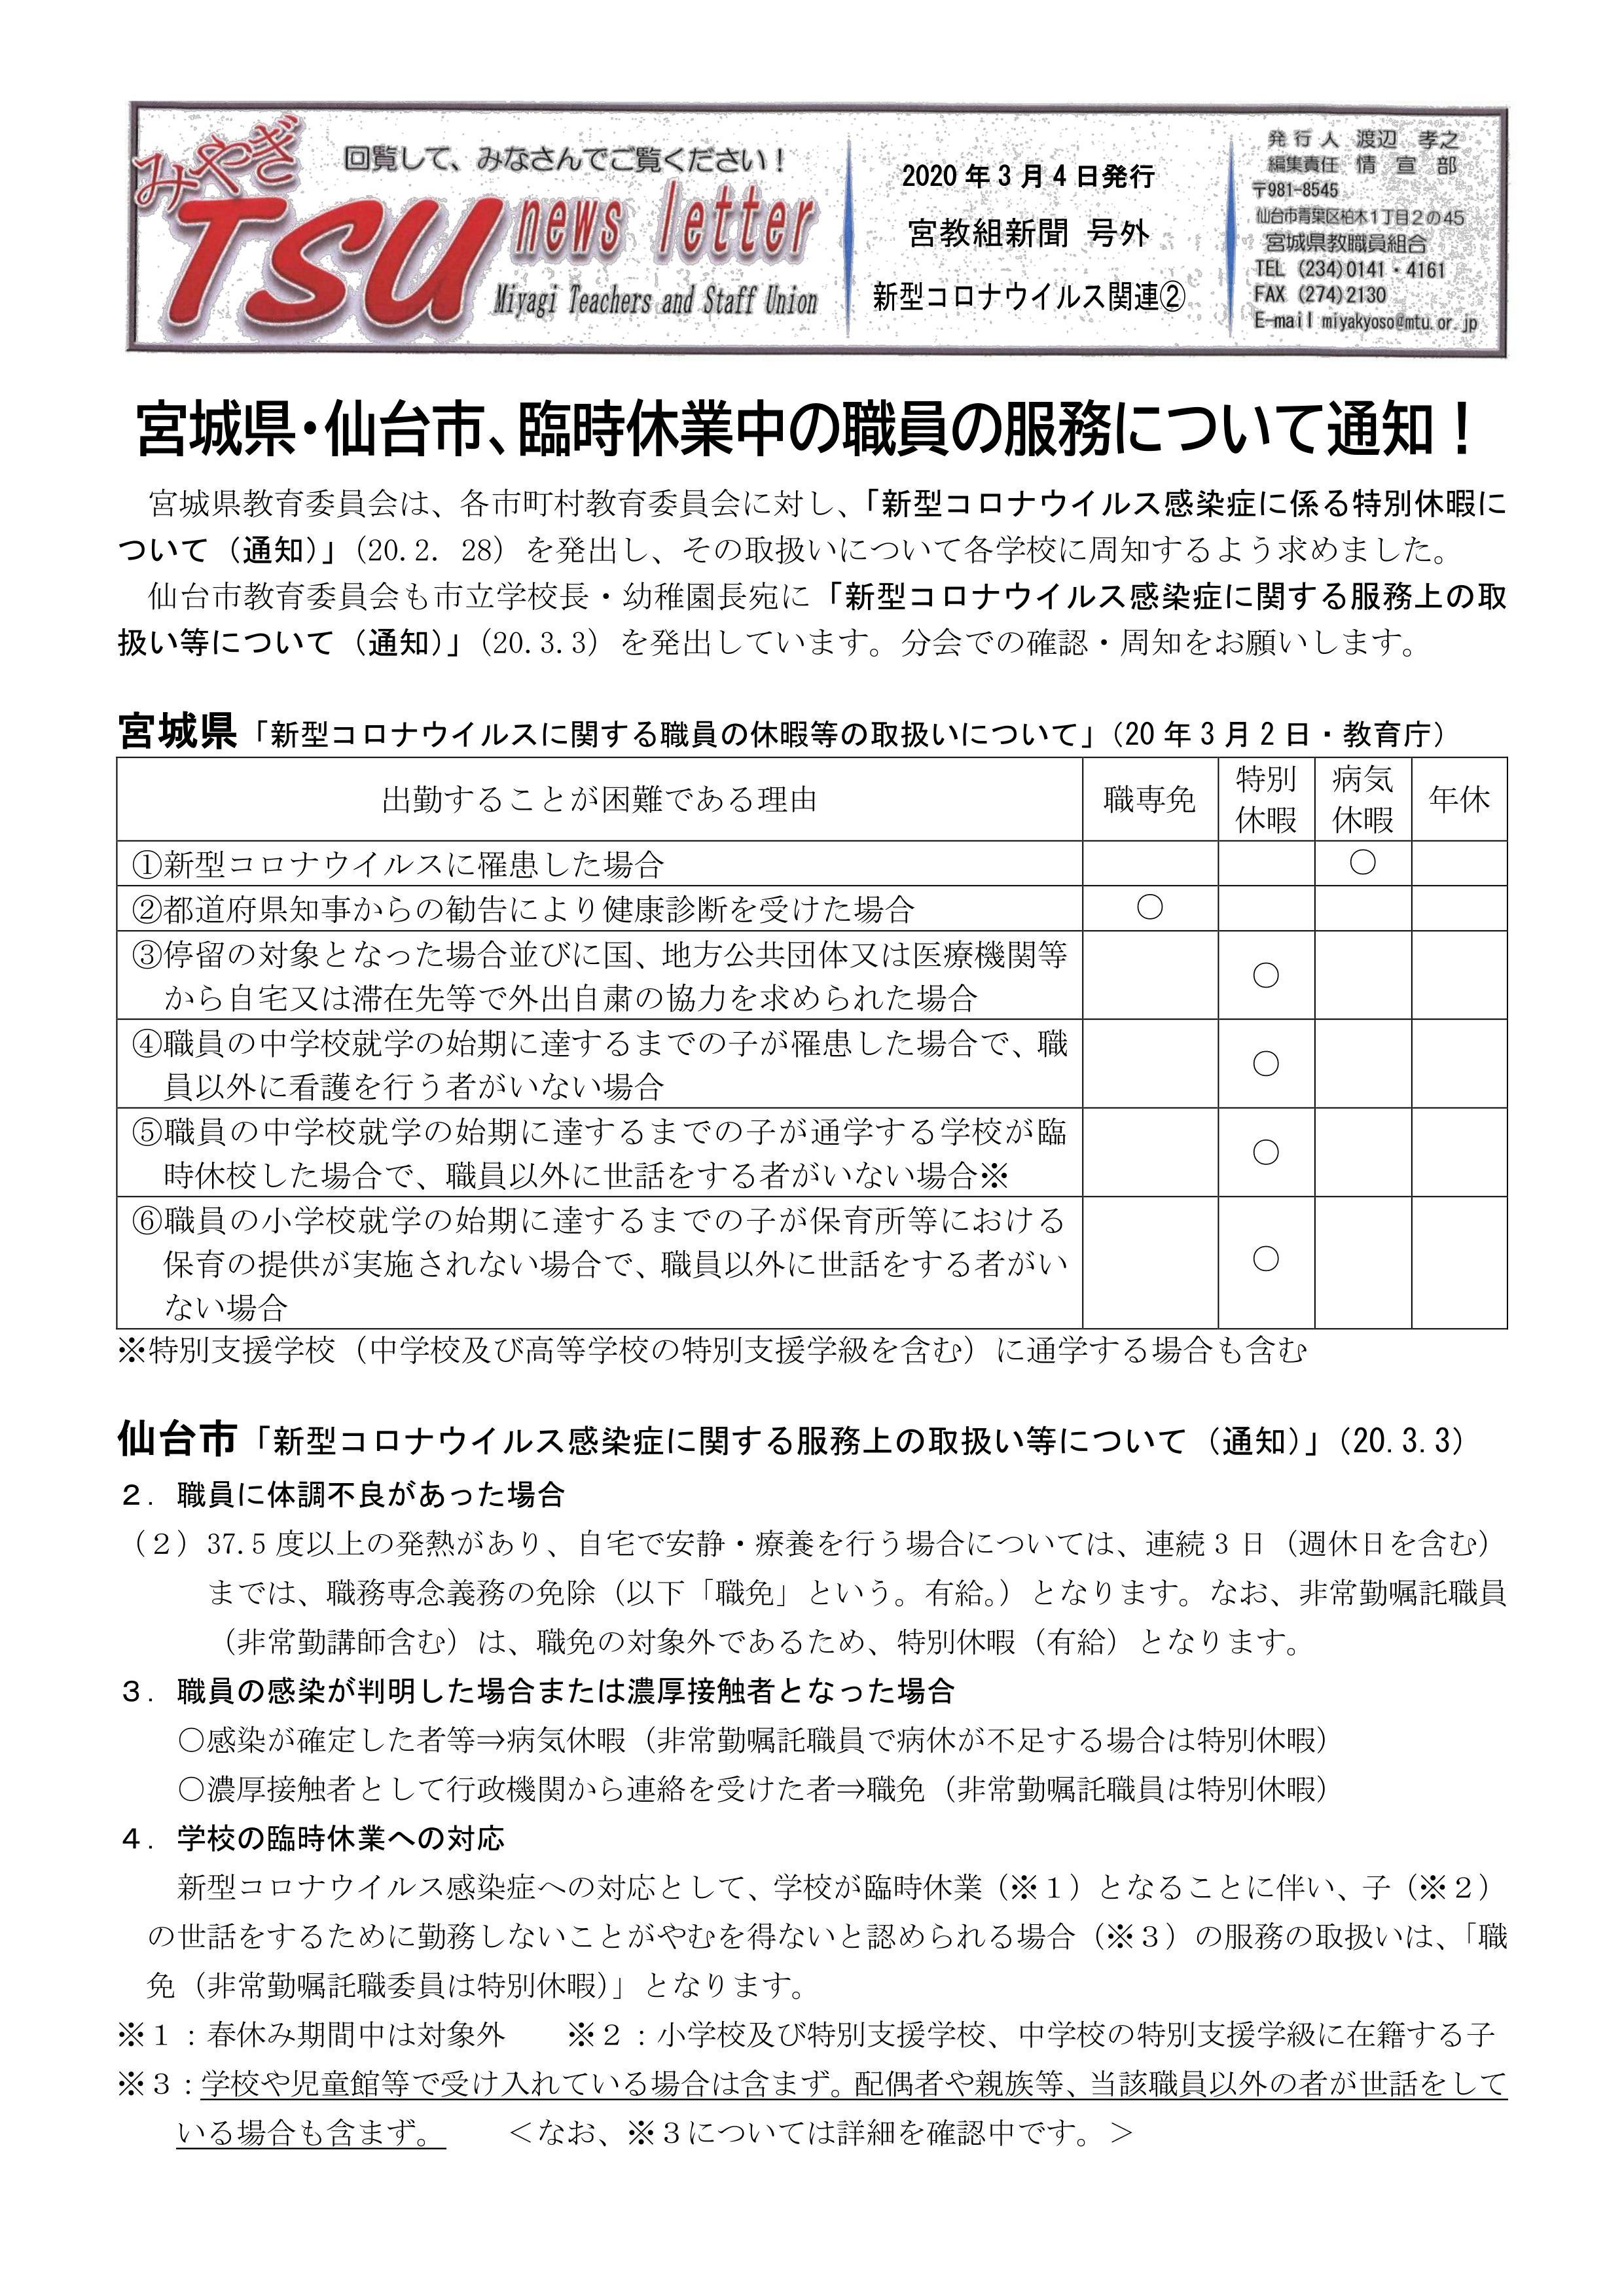 仙台 市 コロナ 速報